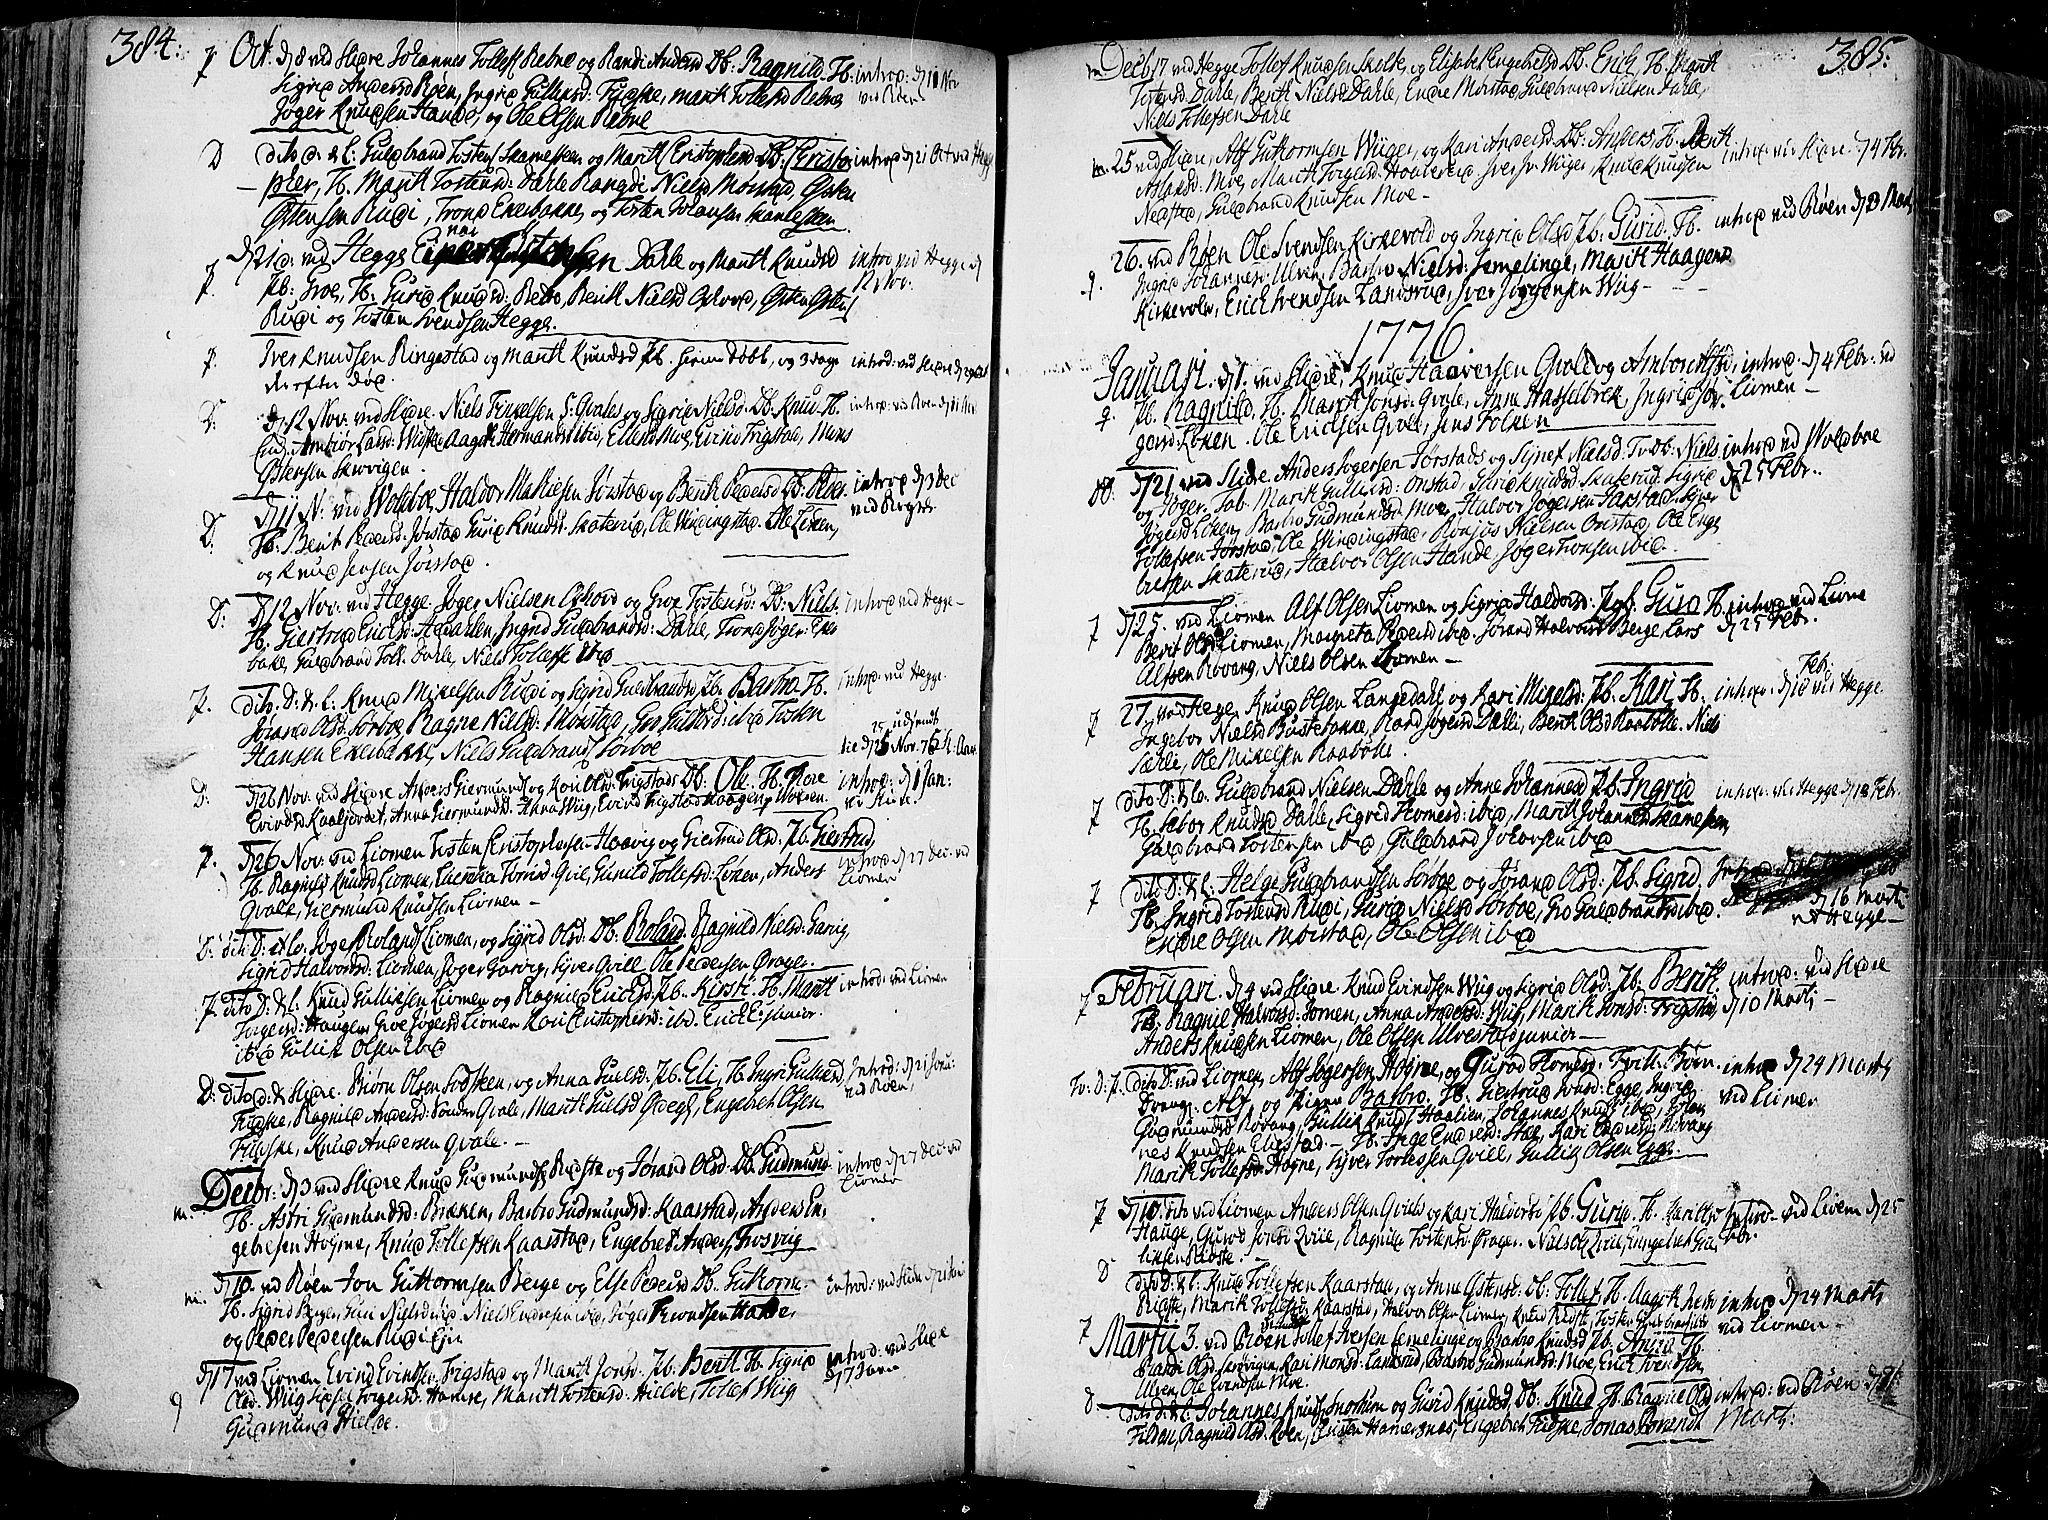 SAH, Slidre prestekontor, Ministerialbok nr. 1, 1724-1814, s. 384-385